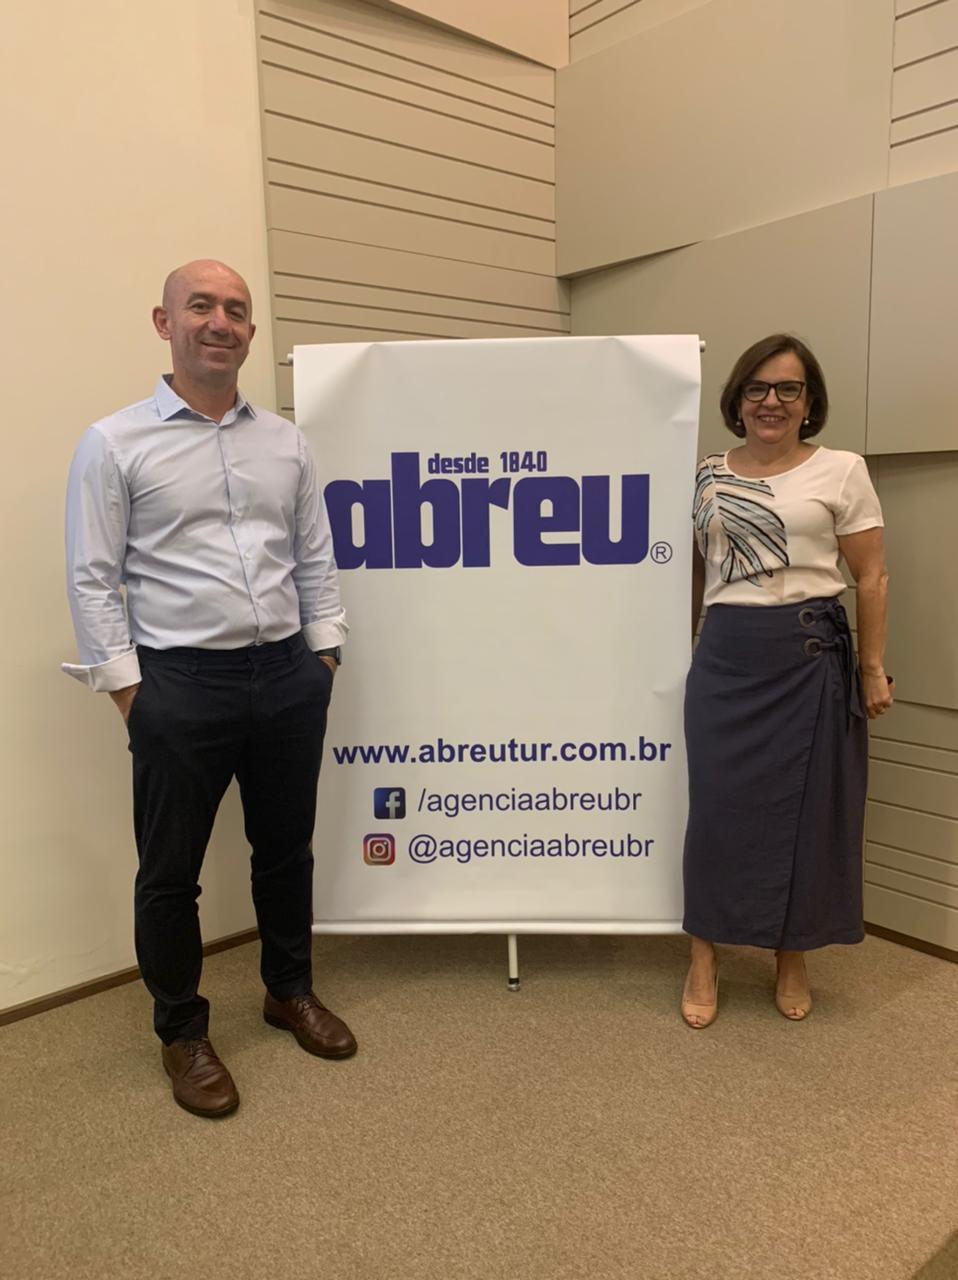 Abreu realiza evento e reforça atuação no interior de São Paulo